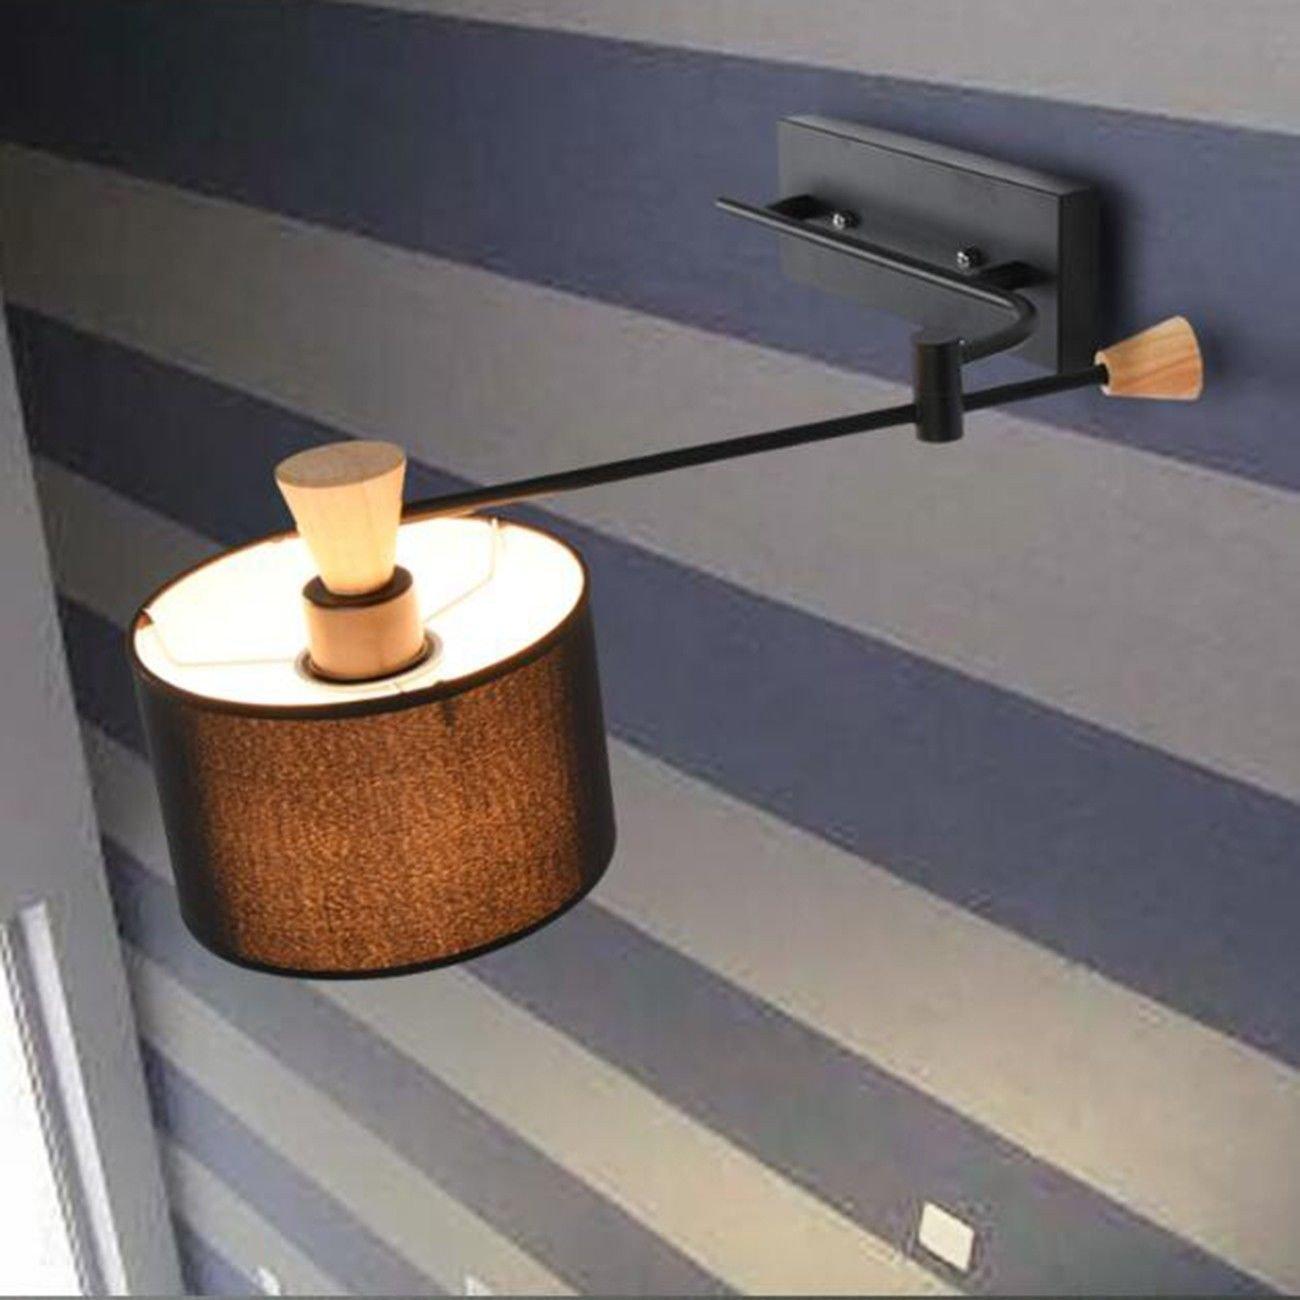 SiwuxieLamp Wandleuchte Nordic einfache moderne kreative Nachttischlampe einzigen Kopf weißen Schlafzimmer Wohnzimmer Schaukel Arm Rocker Wandleuchte, B Halterung Licht